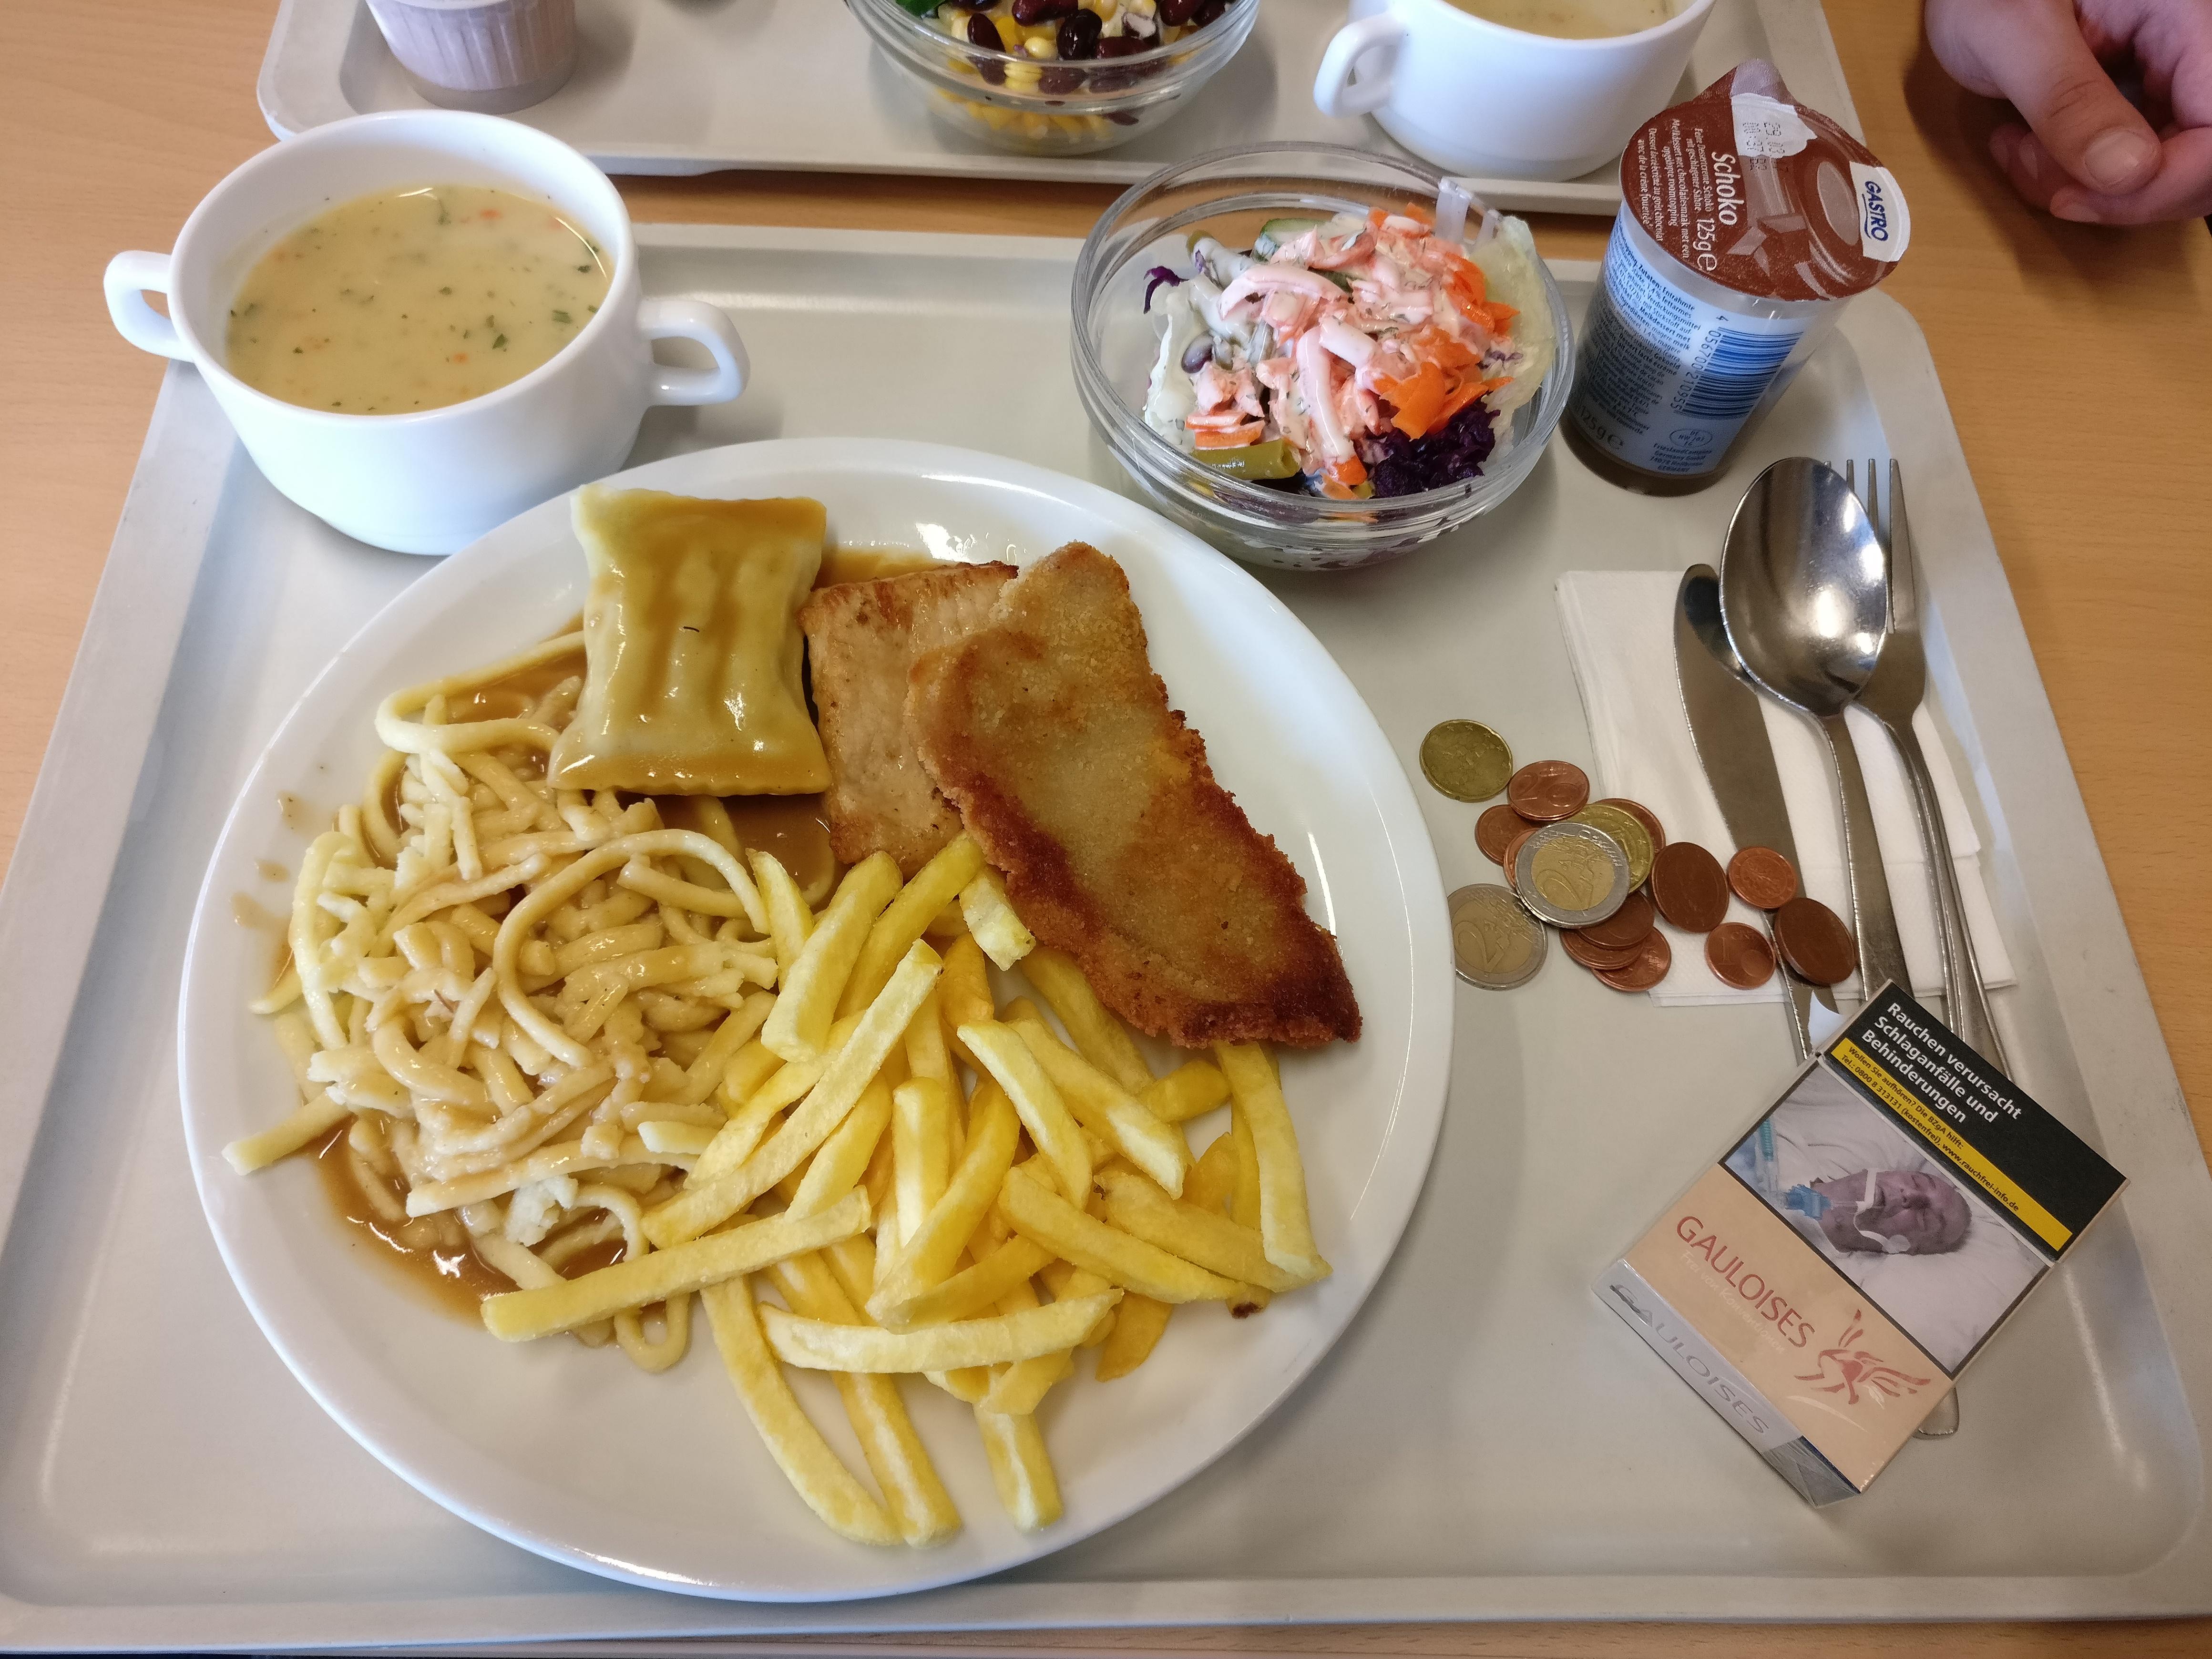 http://foodloader.net/nico_2017-03-23_schwabenteller-mit-spaetzle-und-pommes-suppe-salat-nachtisch.jpg